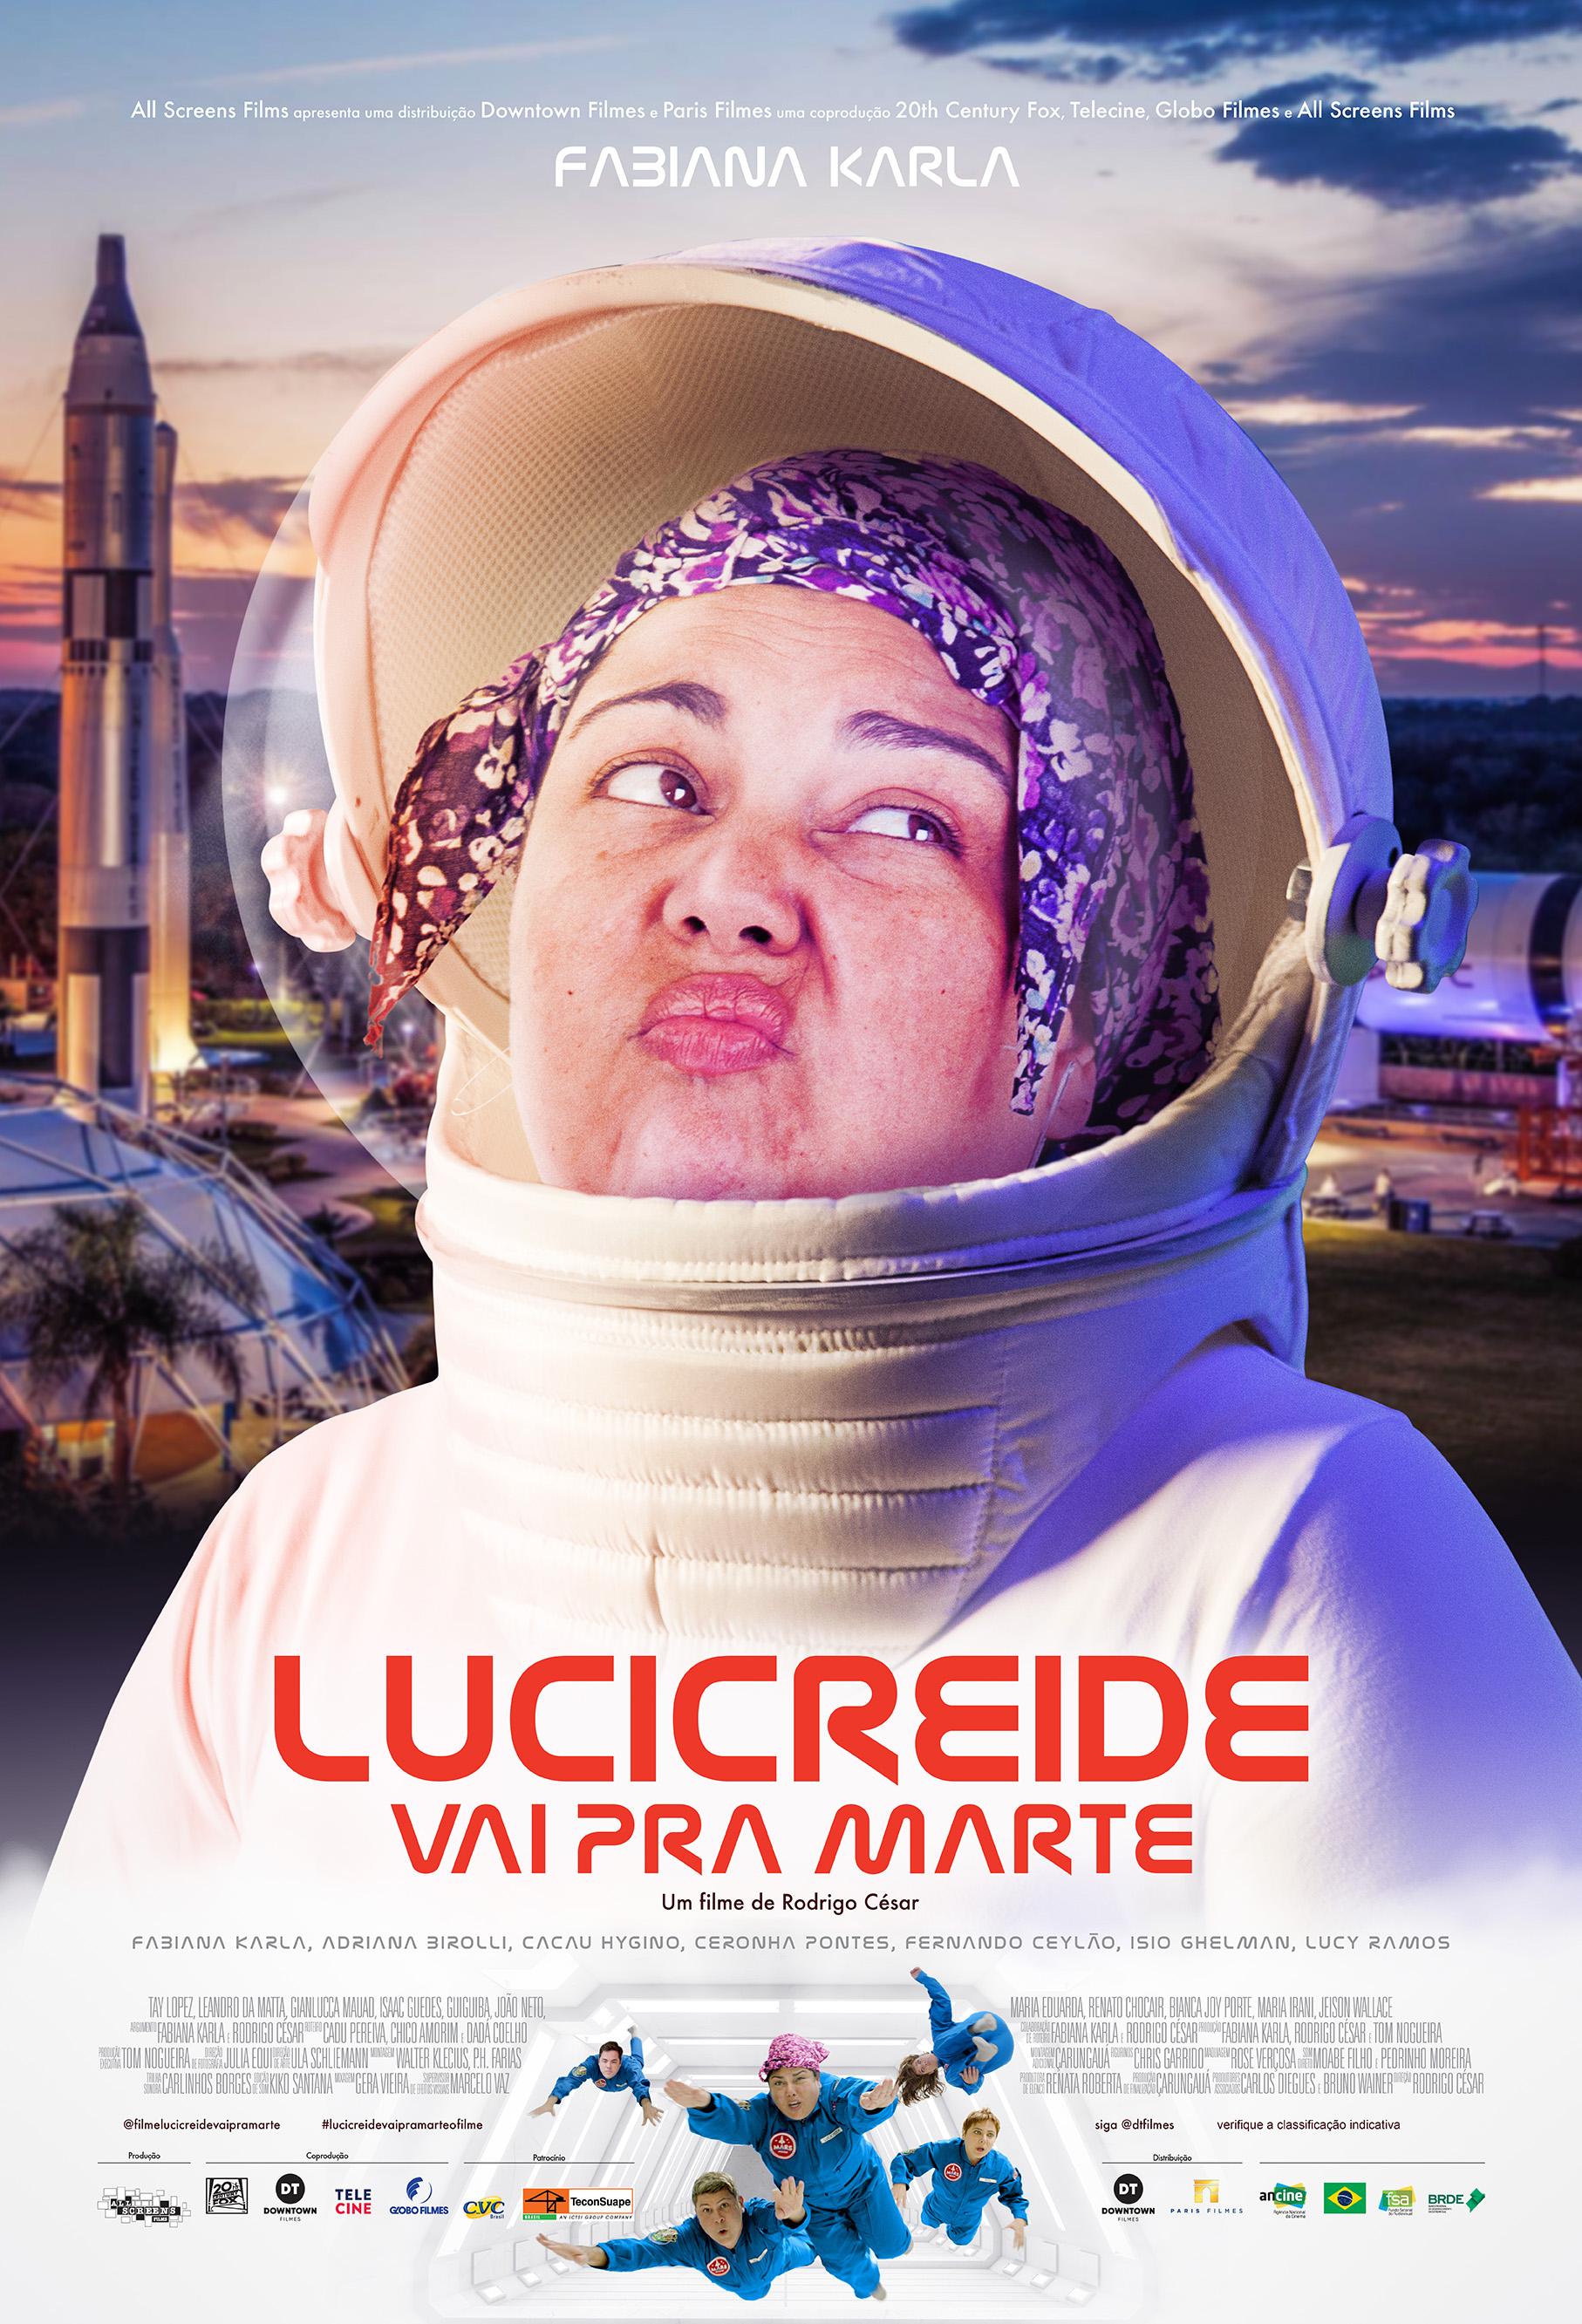 Download Filme Lucicreide vai pra Marte Torrent 2021 Qualidade Hd